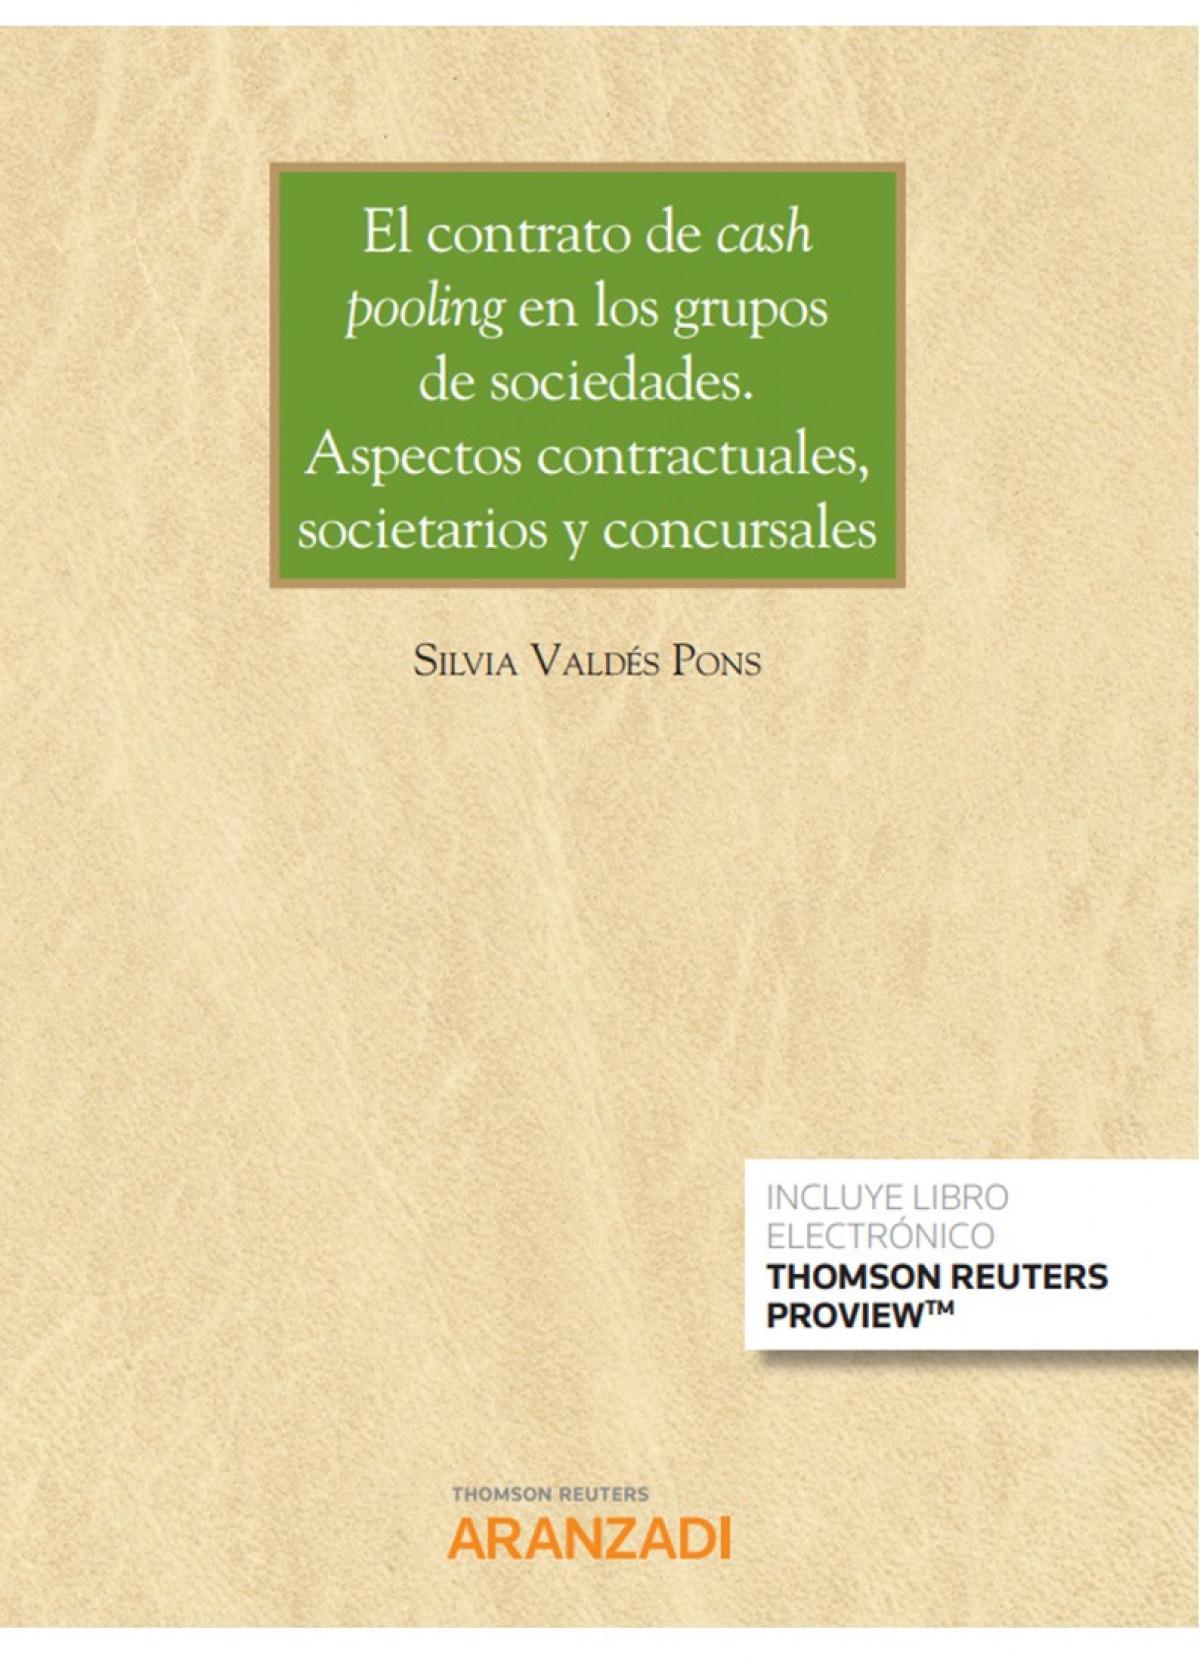 Contrato de cash pooling en los grupos de sociedades, El